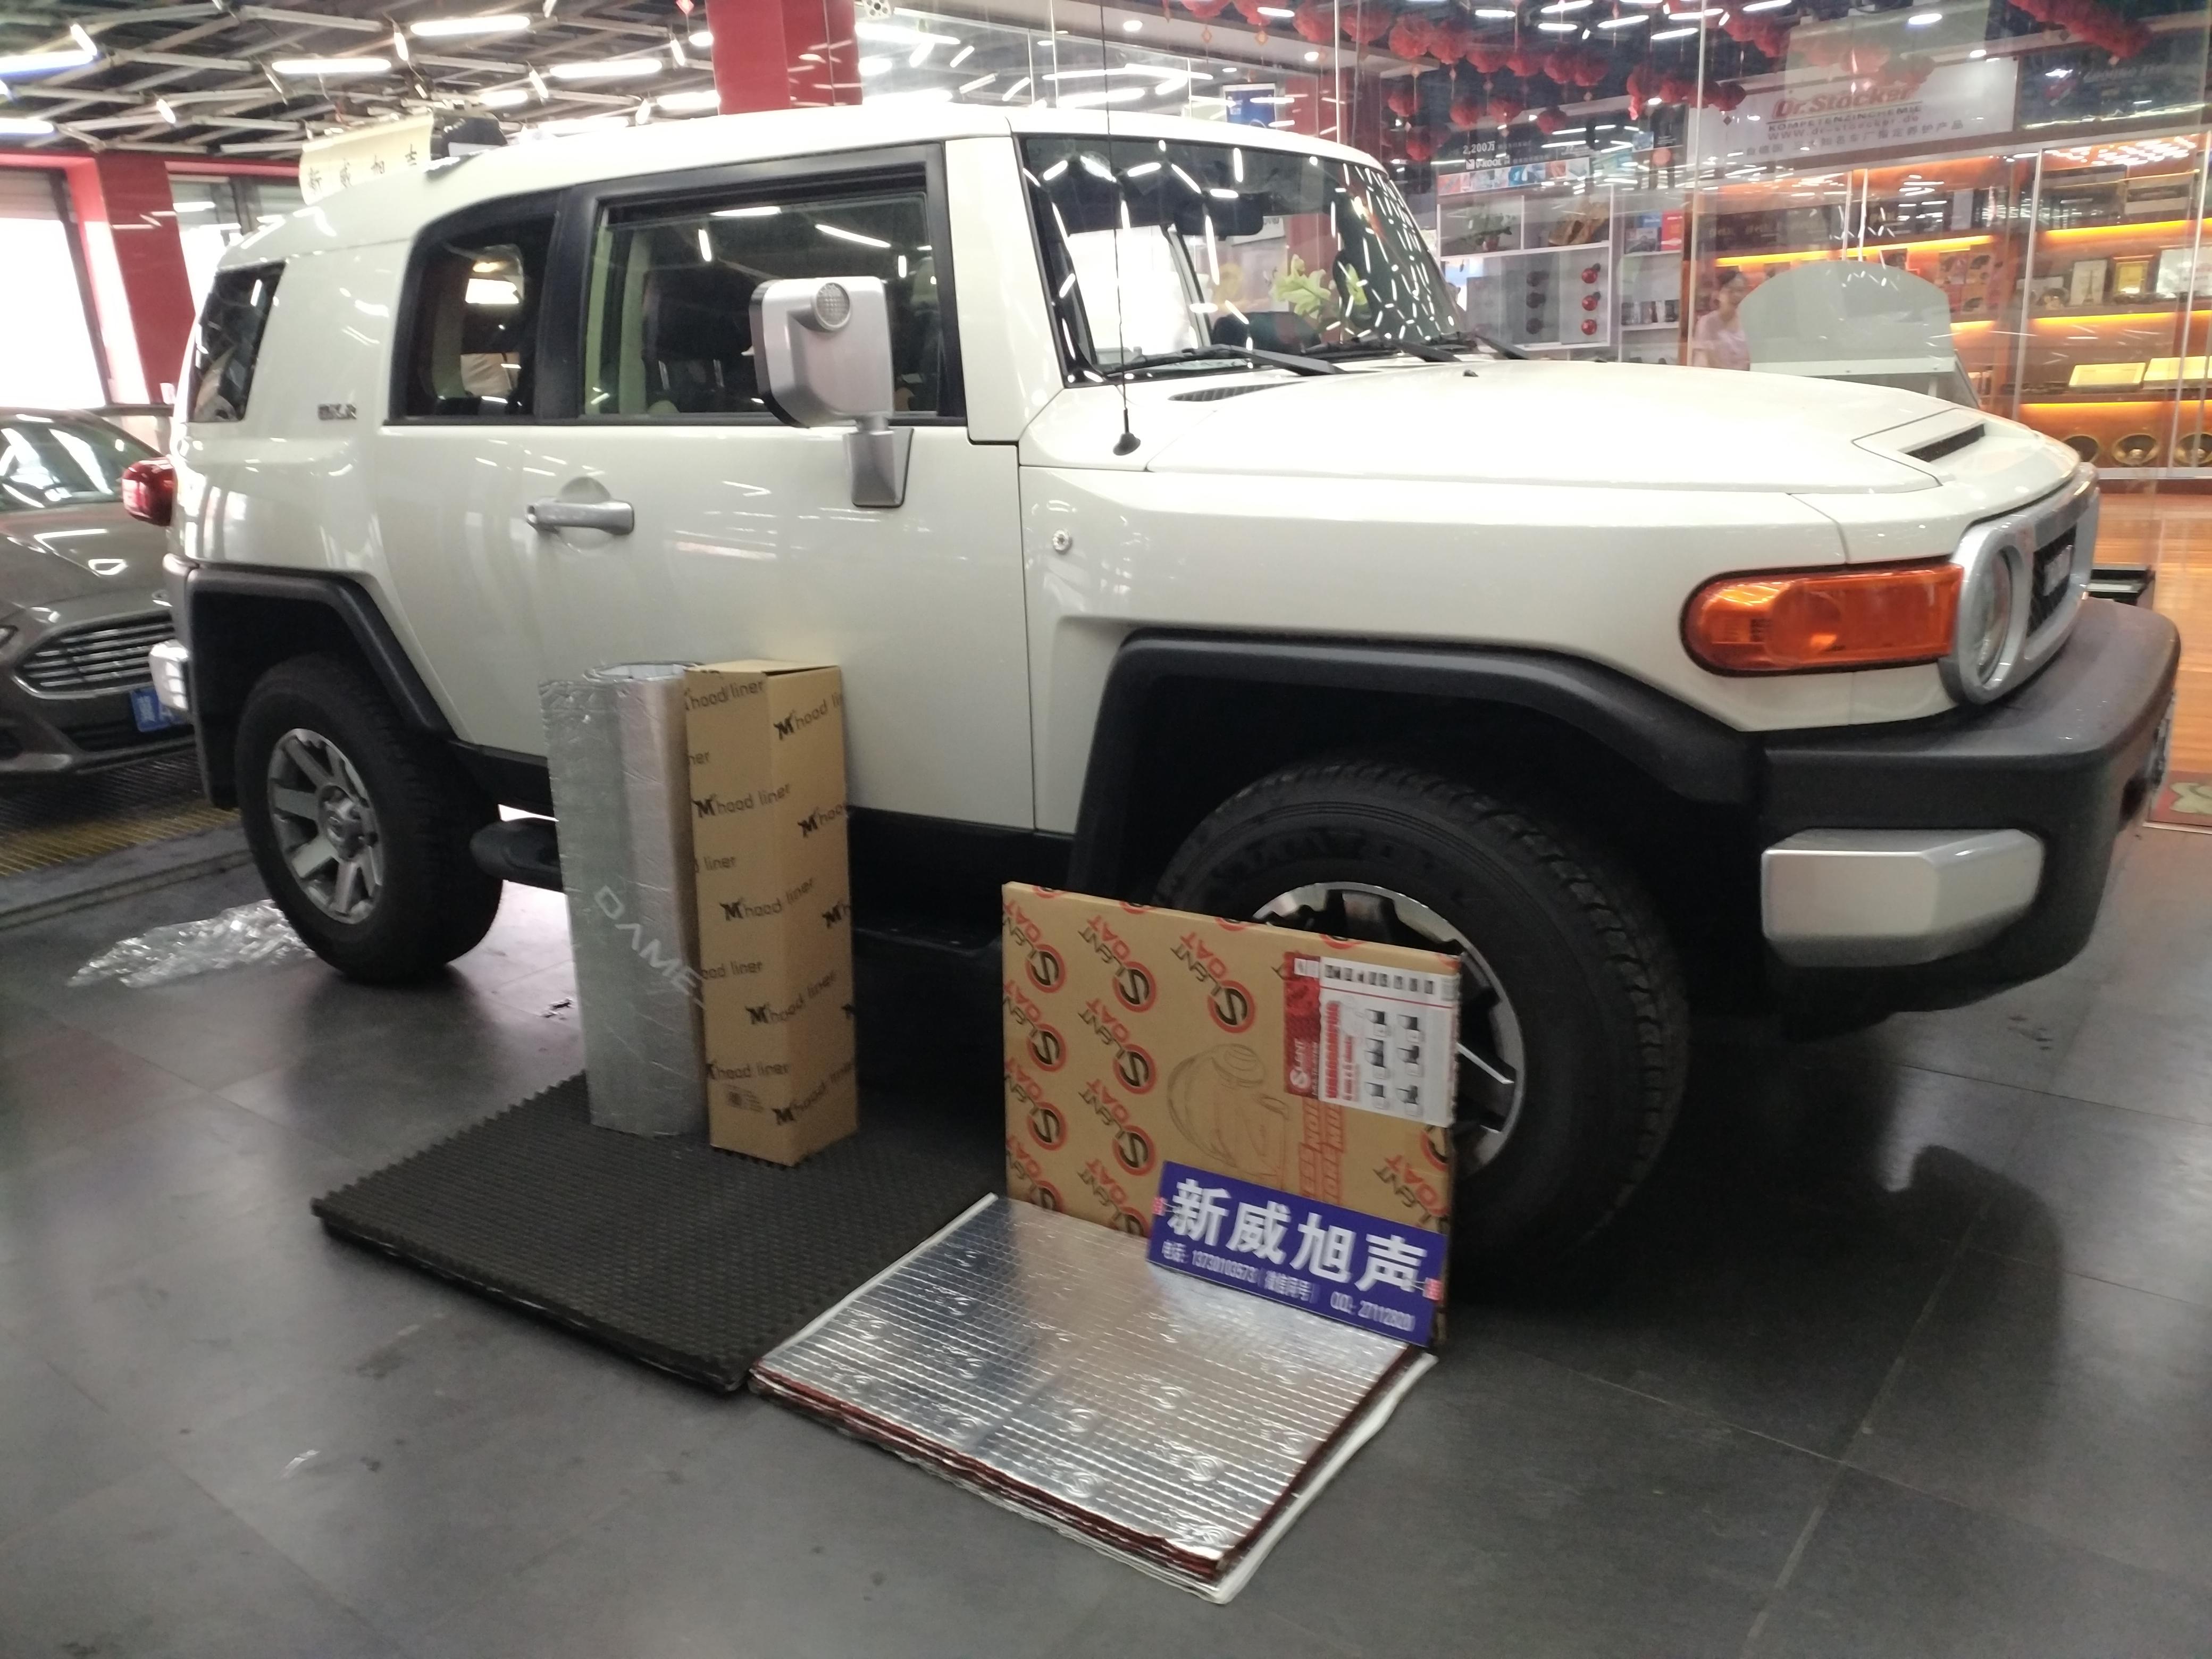 丰田酷路泽FJ汽车隔音降噪改装新威旭声